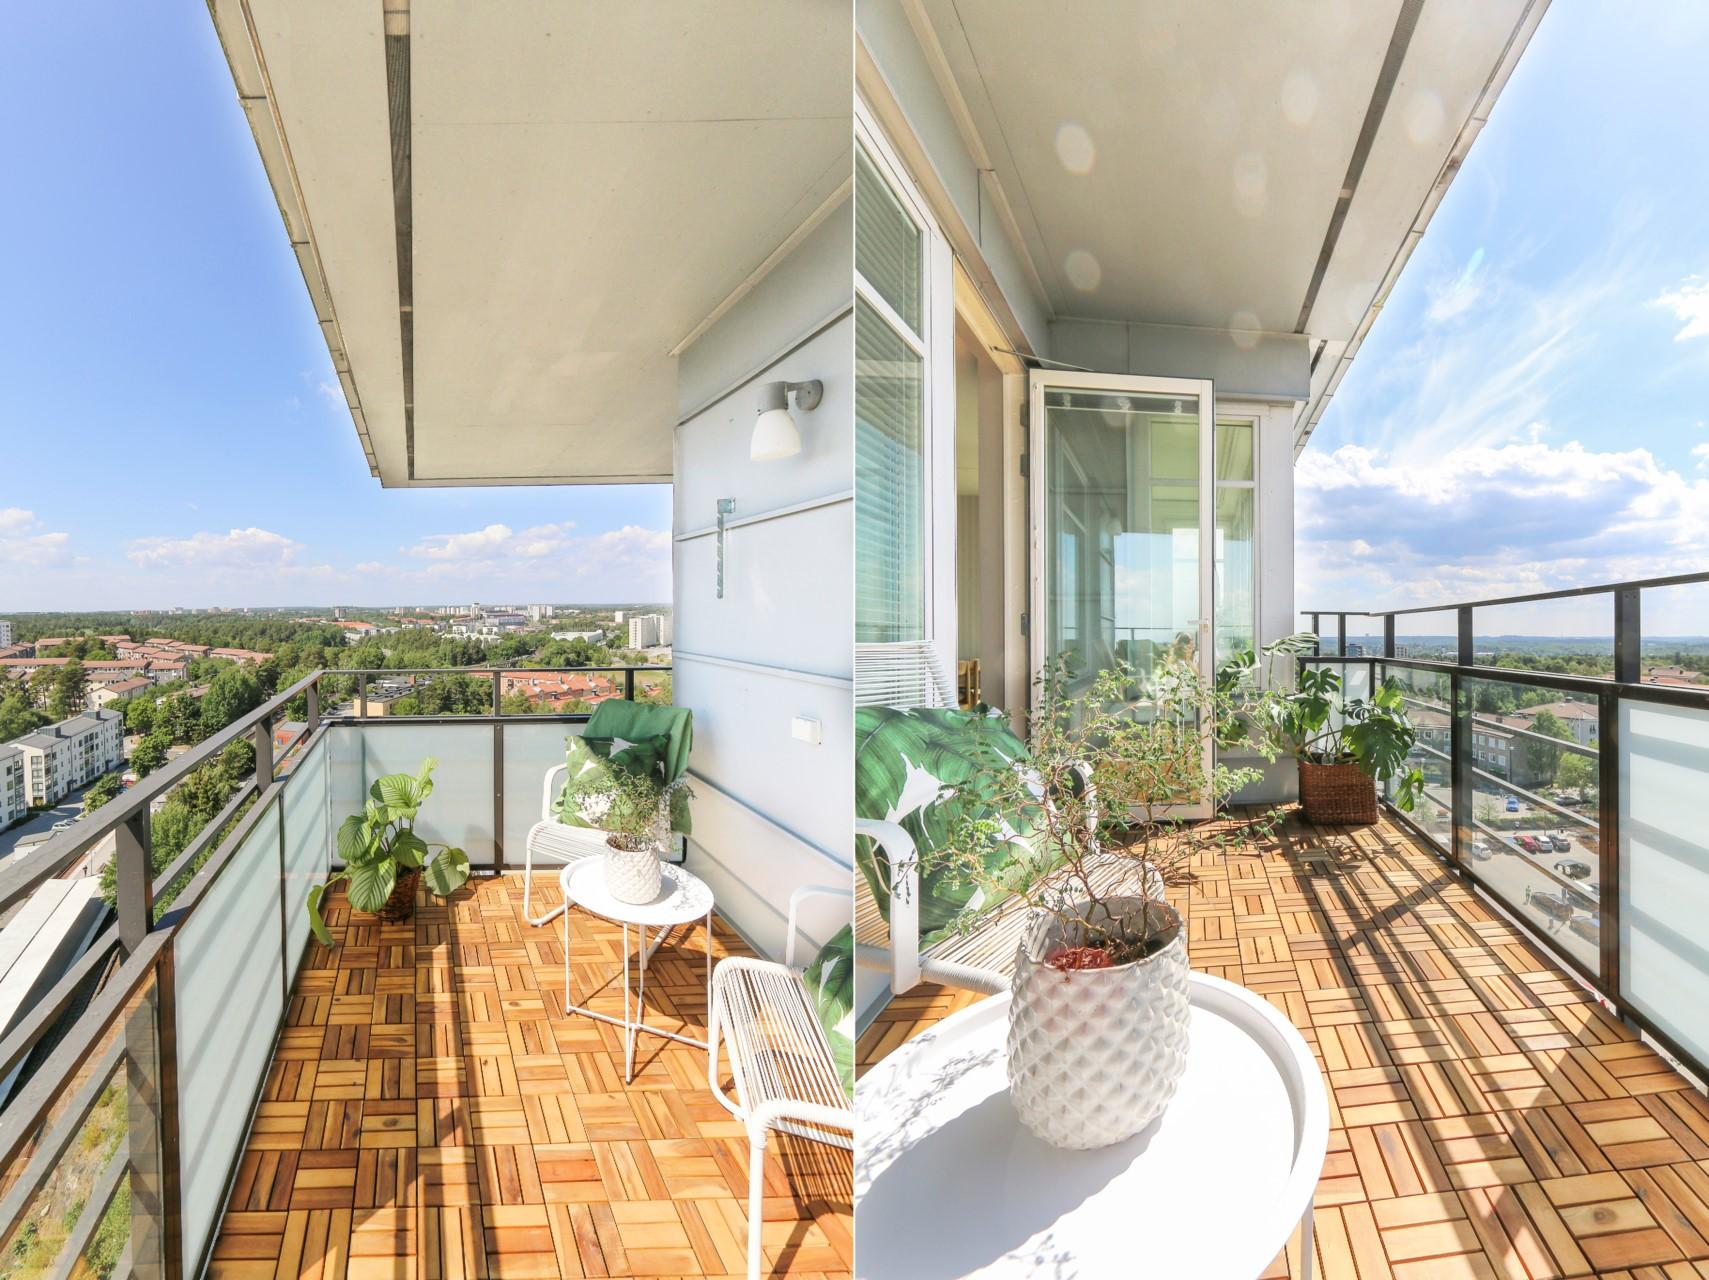 Läcker terrass med milsvid utsikt!